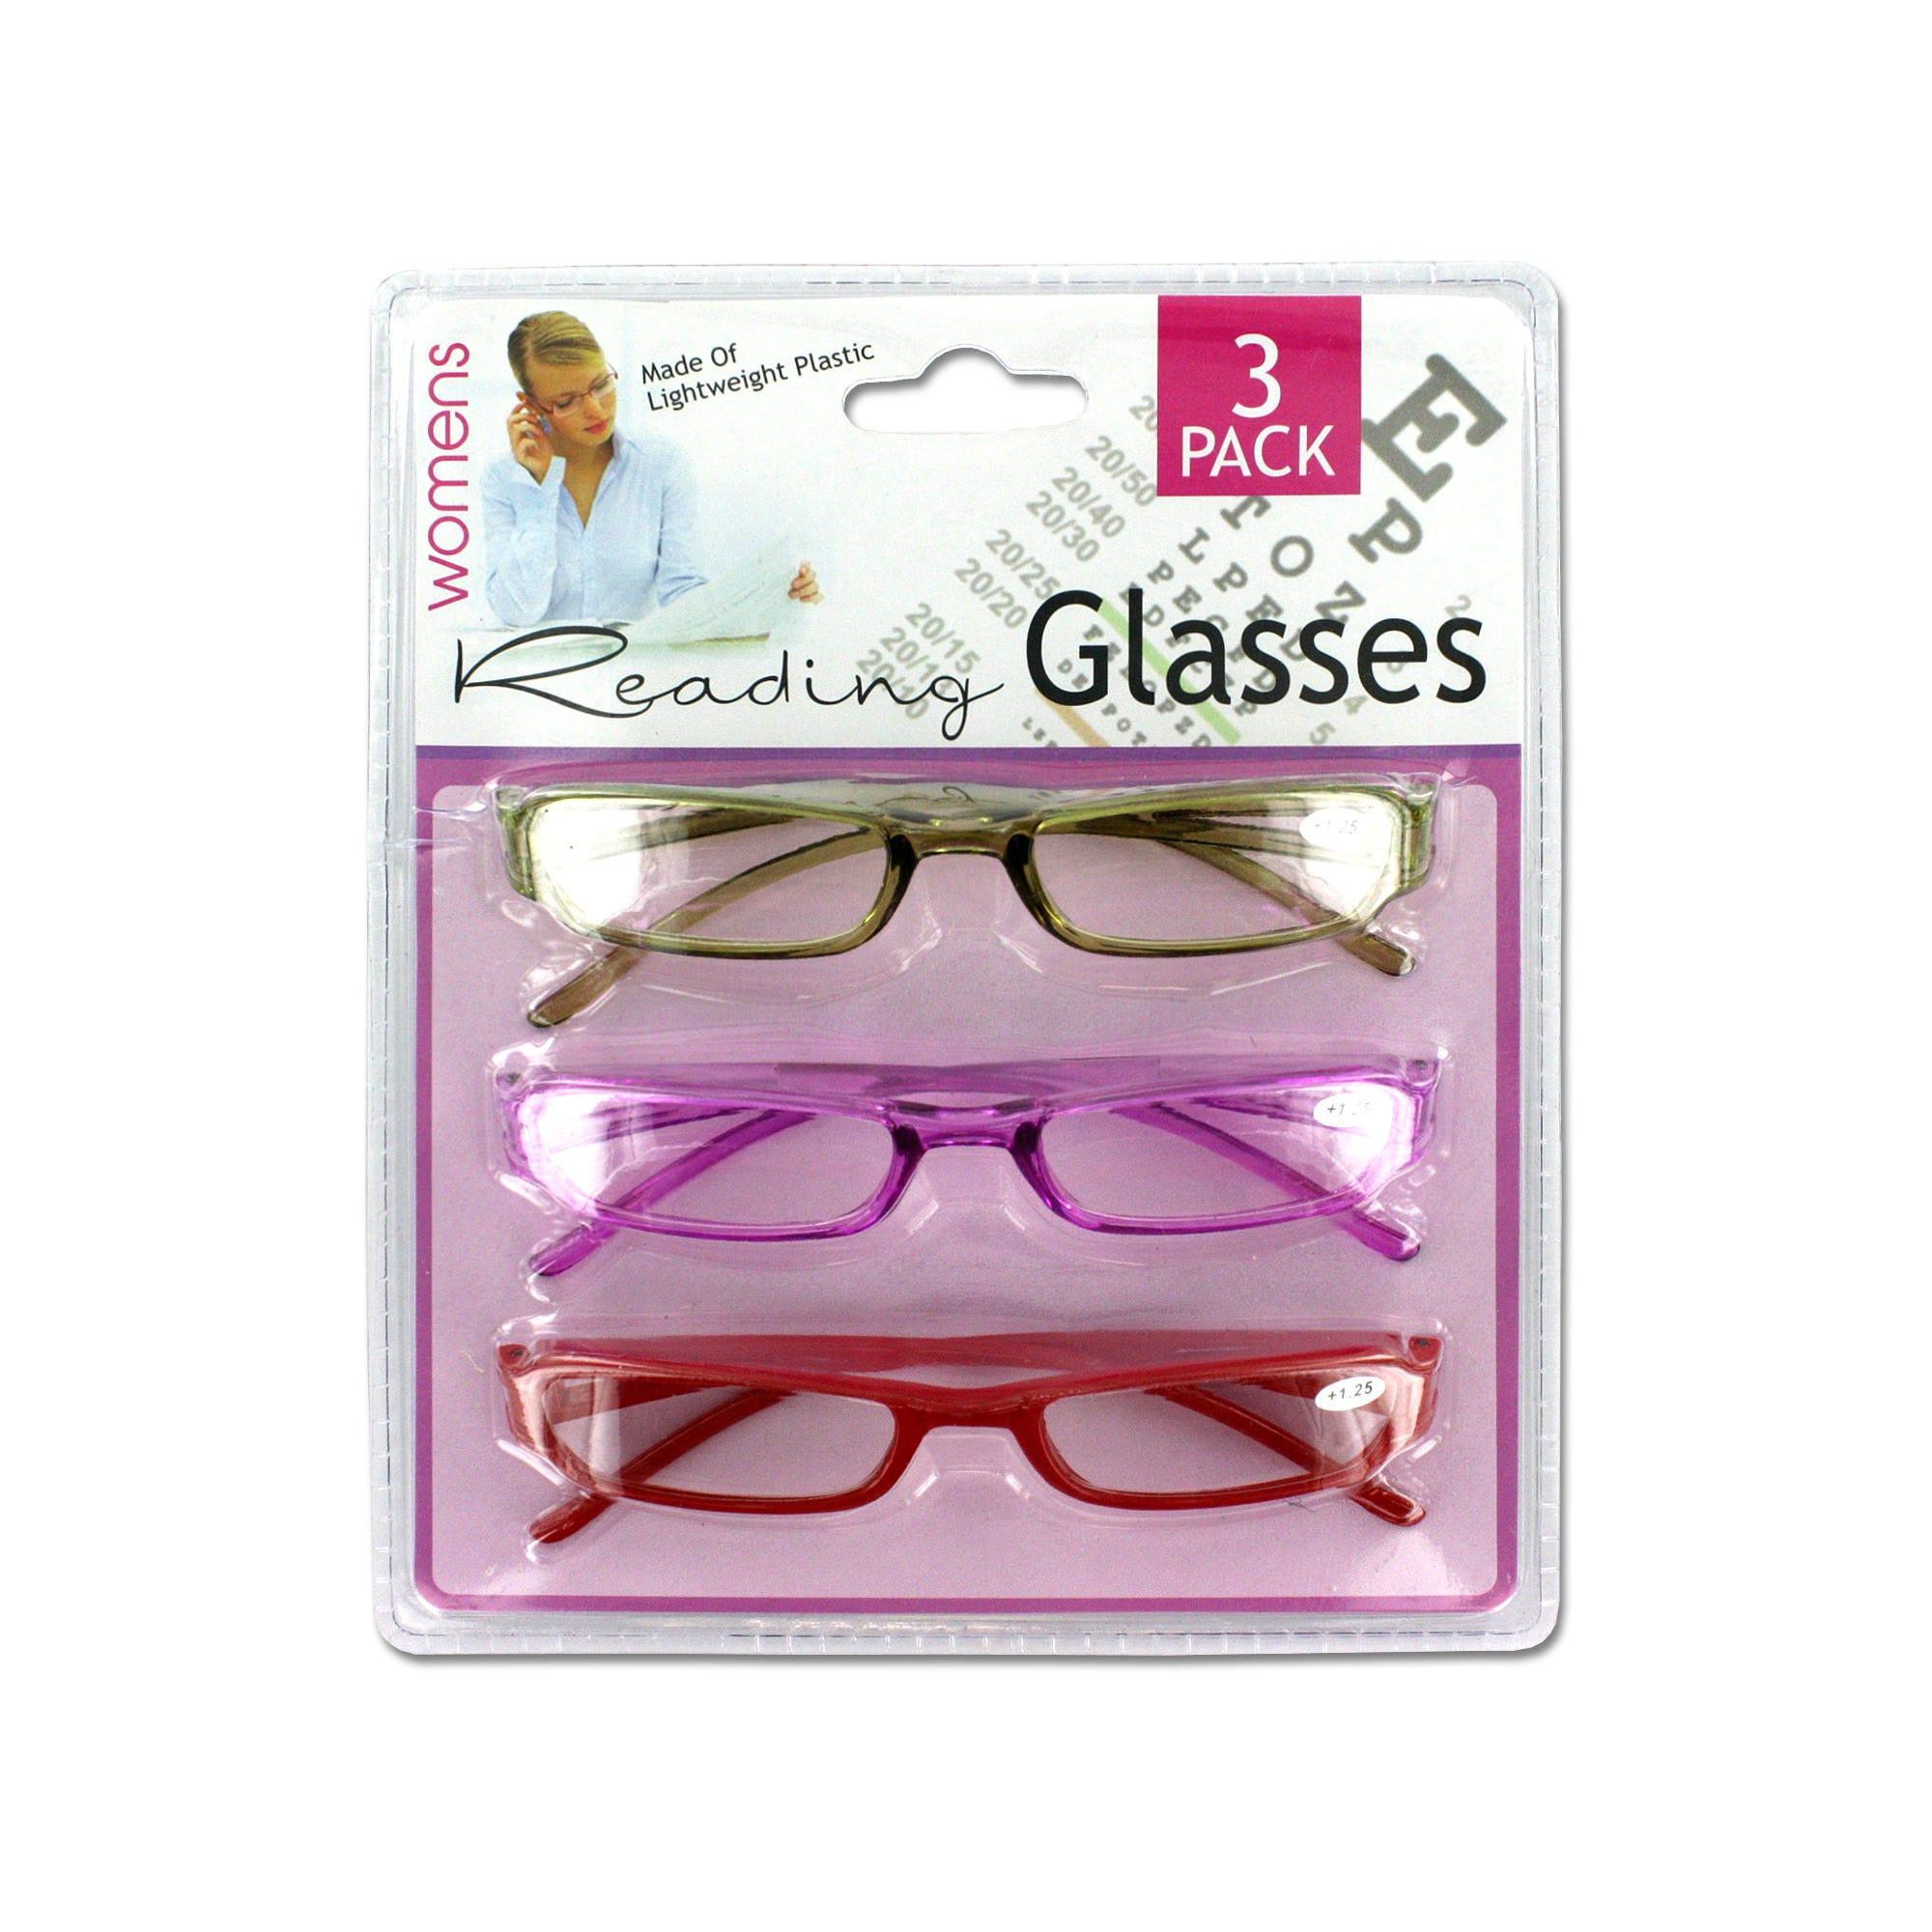 Women's READING GLASSES- Qty 6